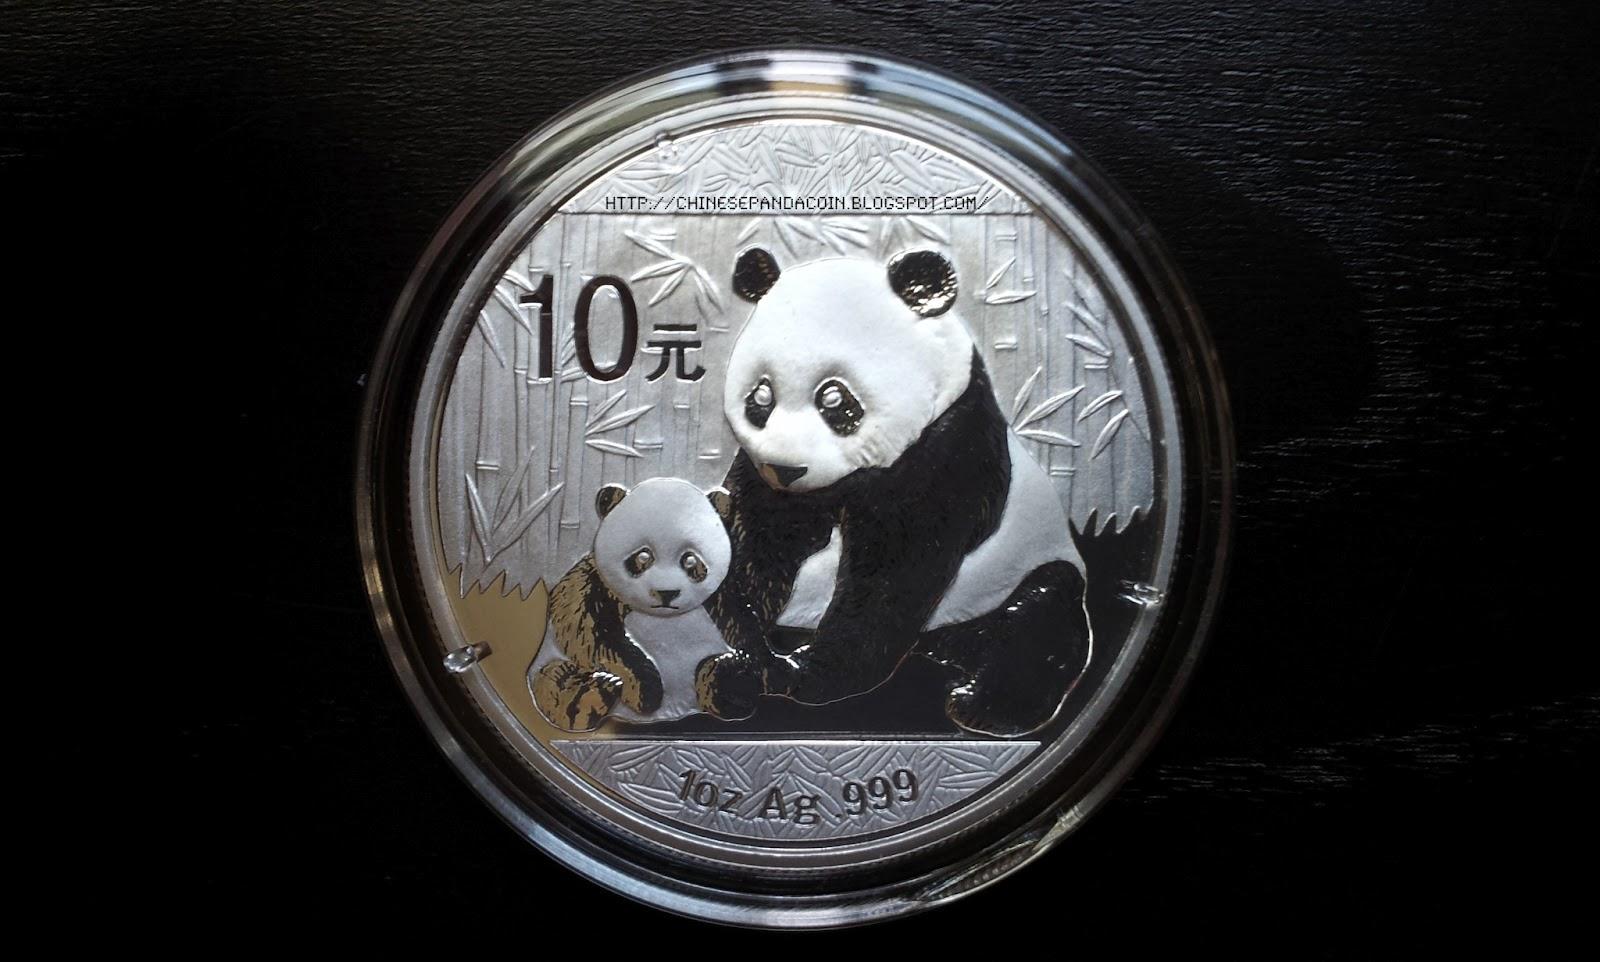 2012 1 Oz Silver Chinese Panda